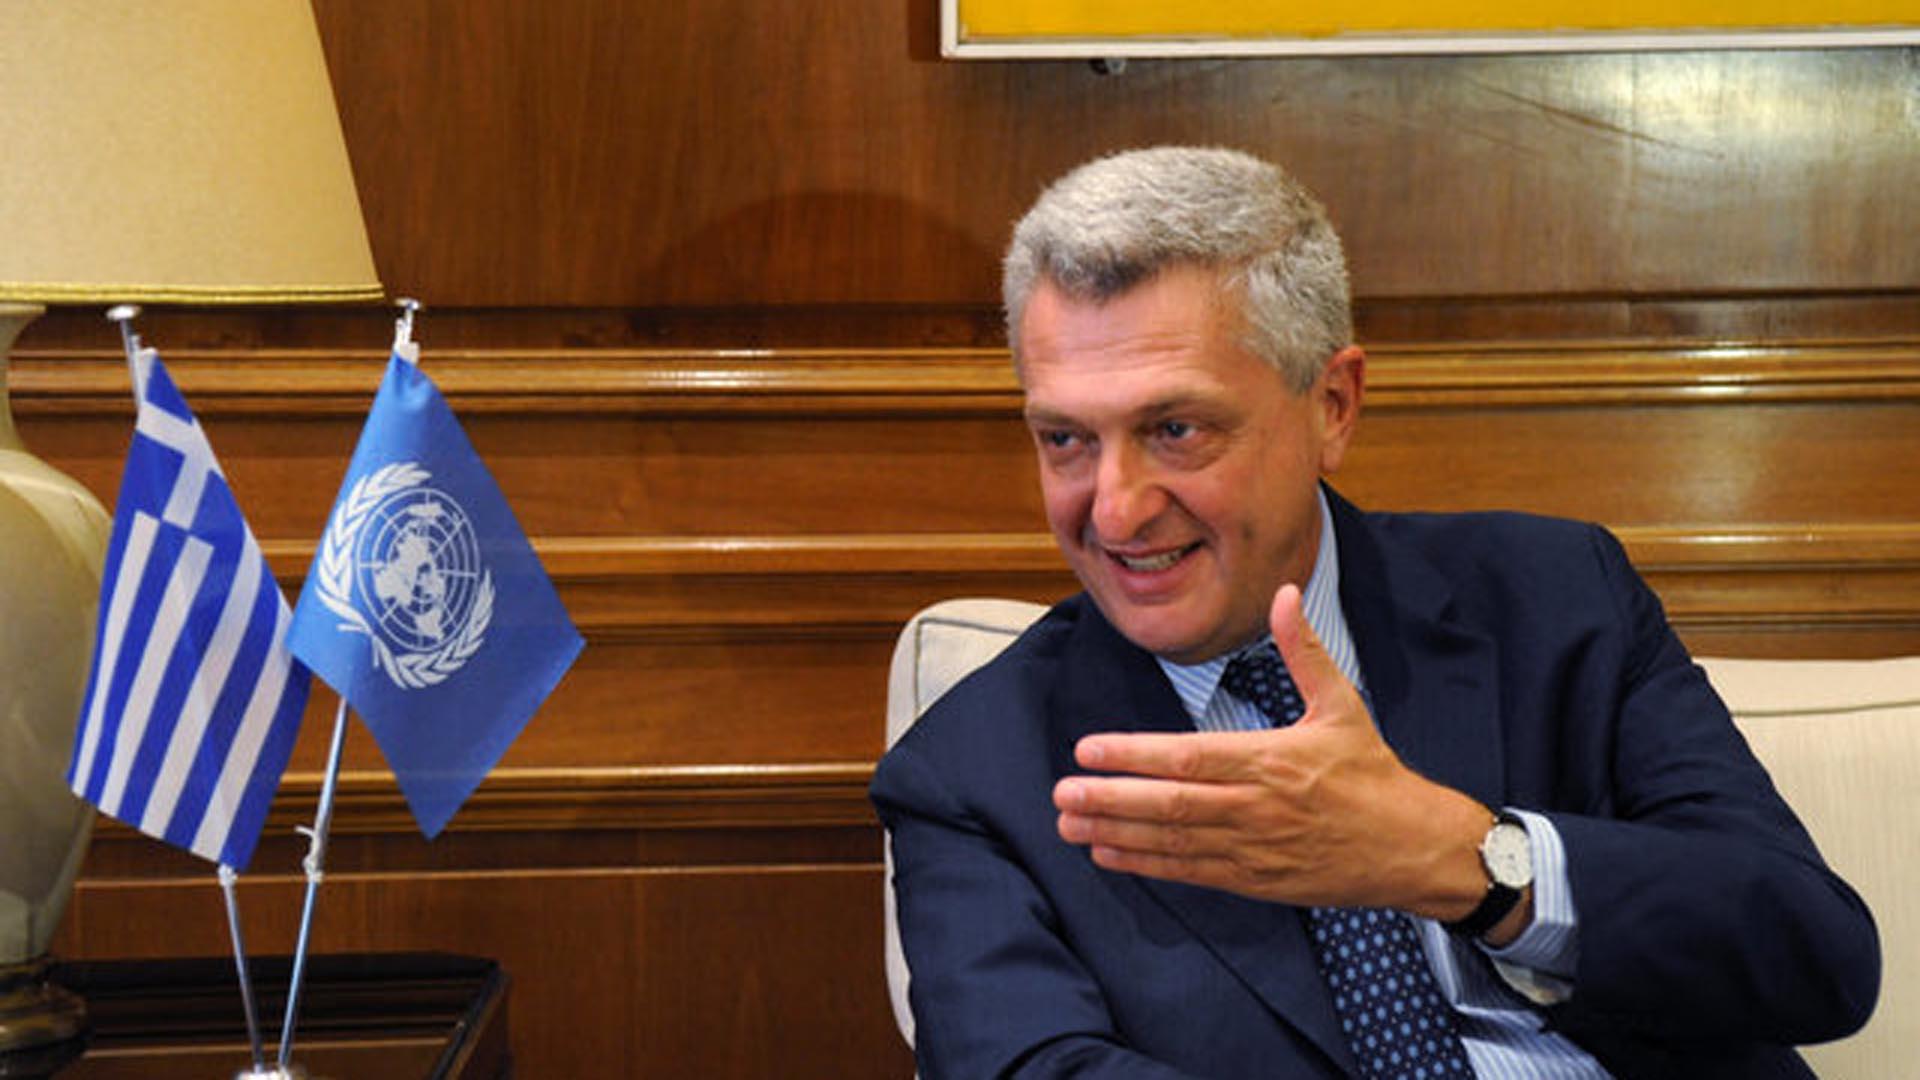 Filoppo Grandi El Alto Comisionado de las Naciones Unidas para los Refugiados